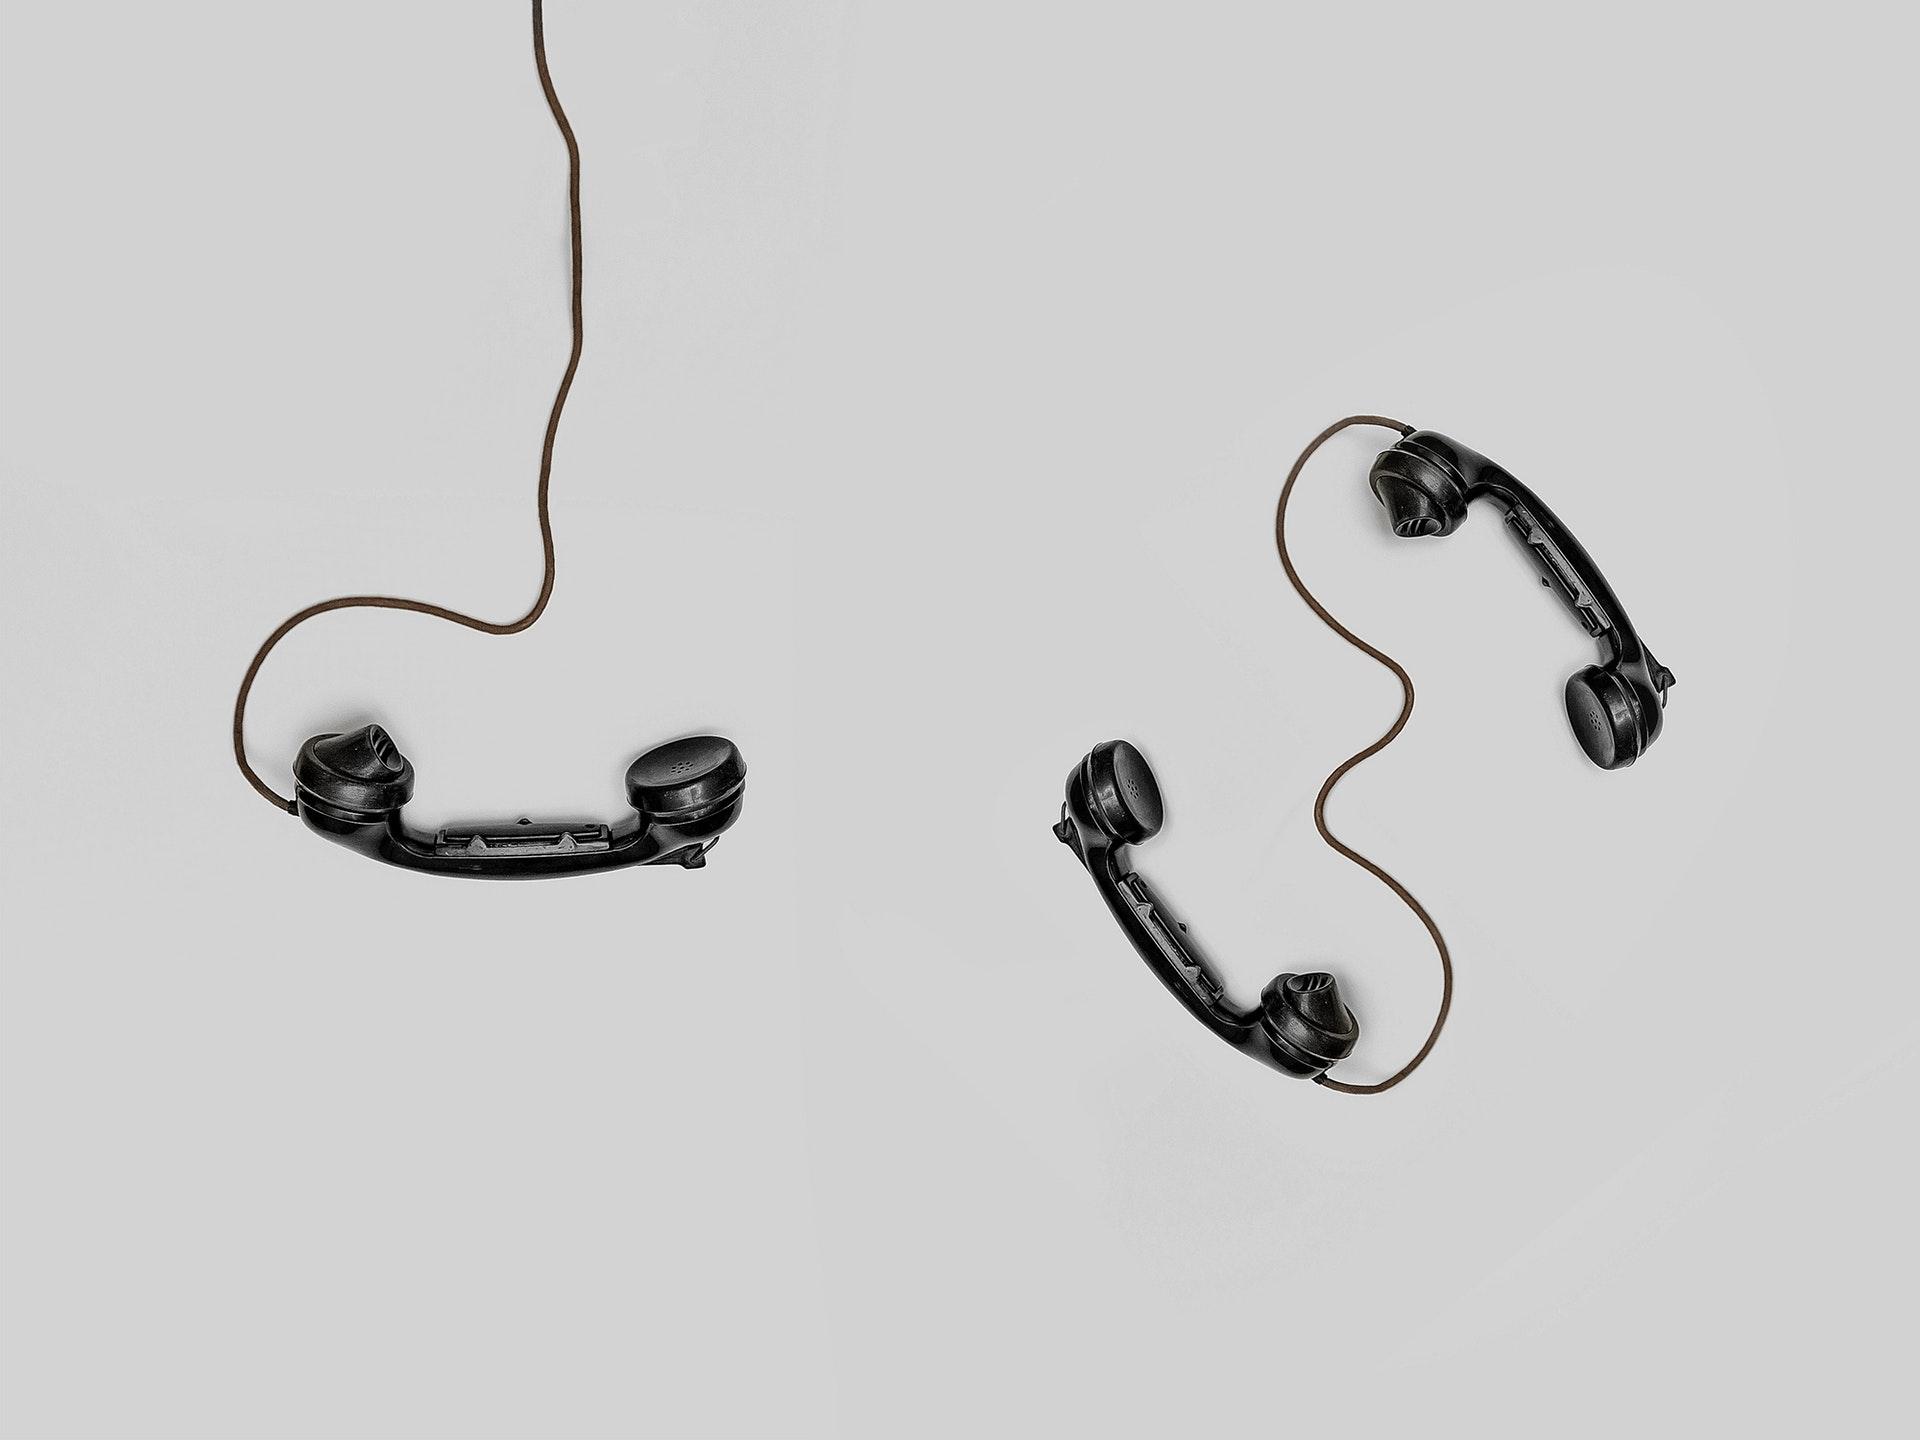 黒の受話器